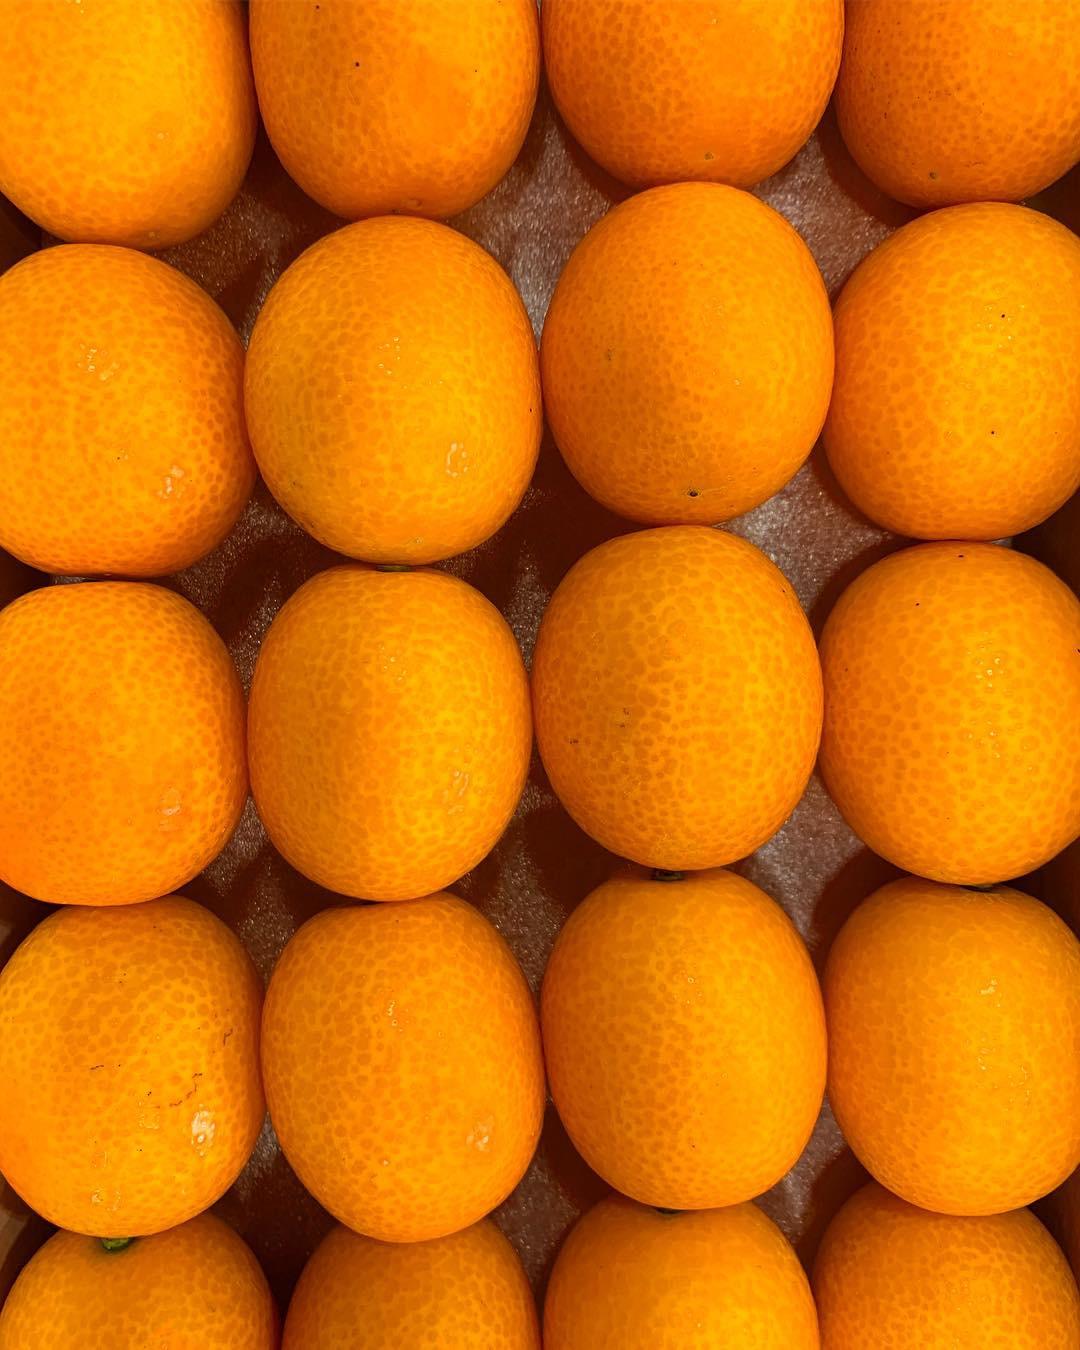 高知県の冬から春にかけて柑橘類が楽しめます。